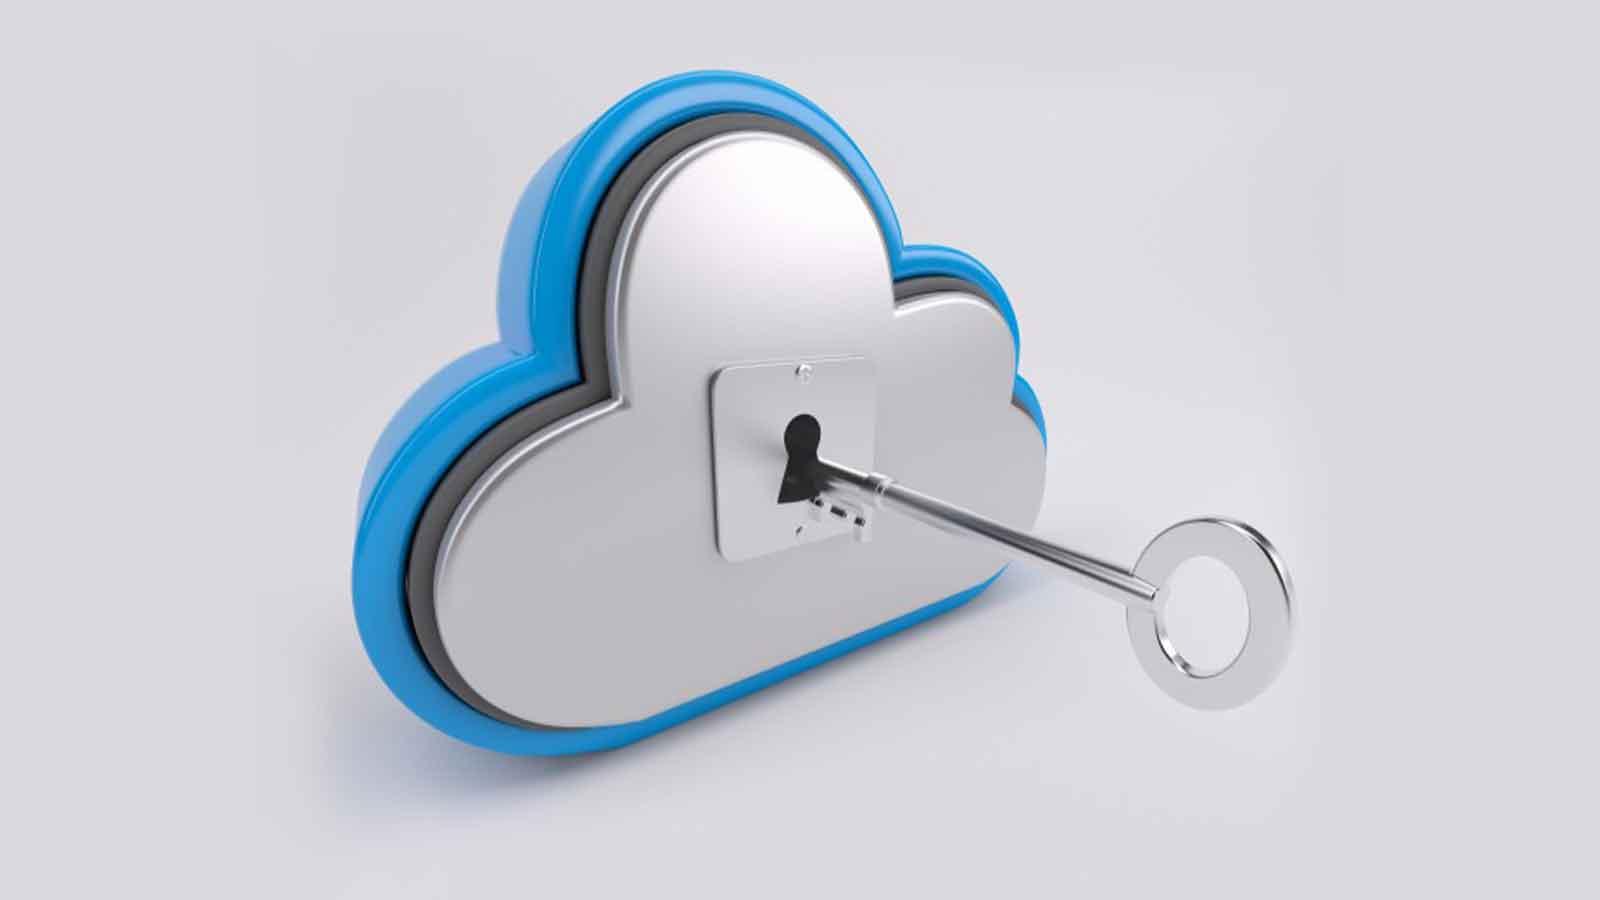 En çok alan sunan bulut uygulamaları